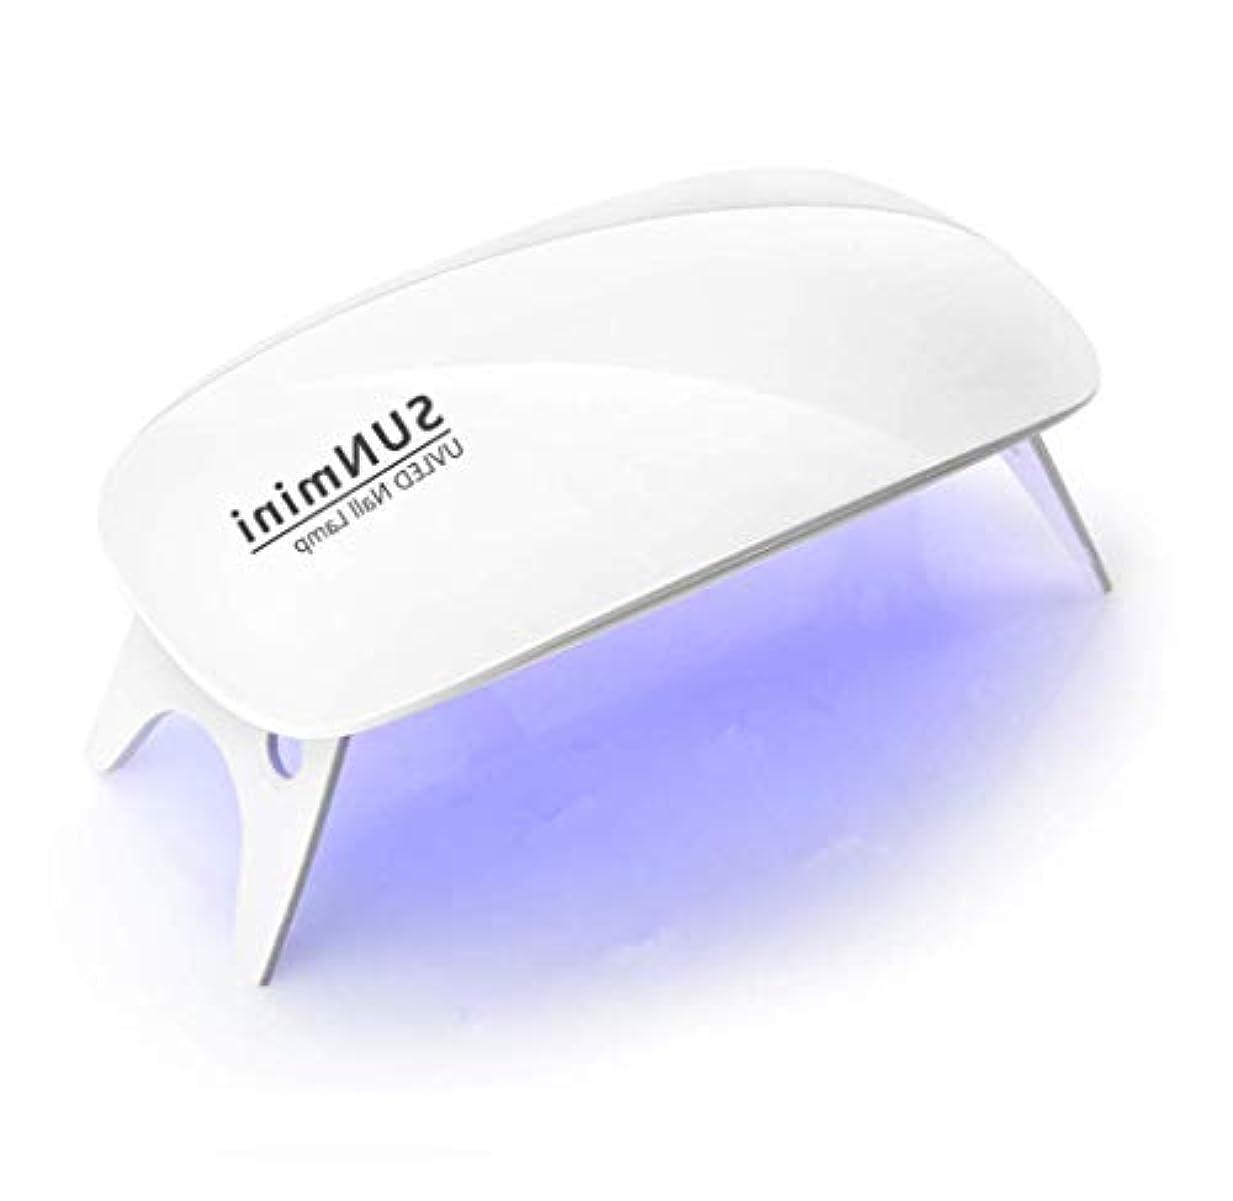 剛性仕事に行く火薬LEDネイルドライヤー UV とLEDダブルライト ジェルネイル用 ホワイト UVライト 折りたたみ式 設定可能 タイマー ジェルネイル LED 硬化ライト ホワイト